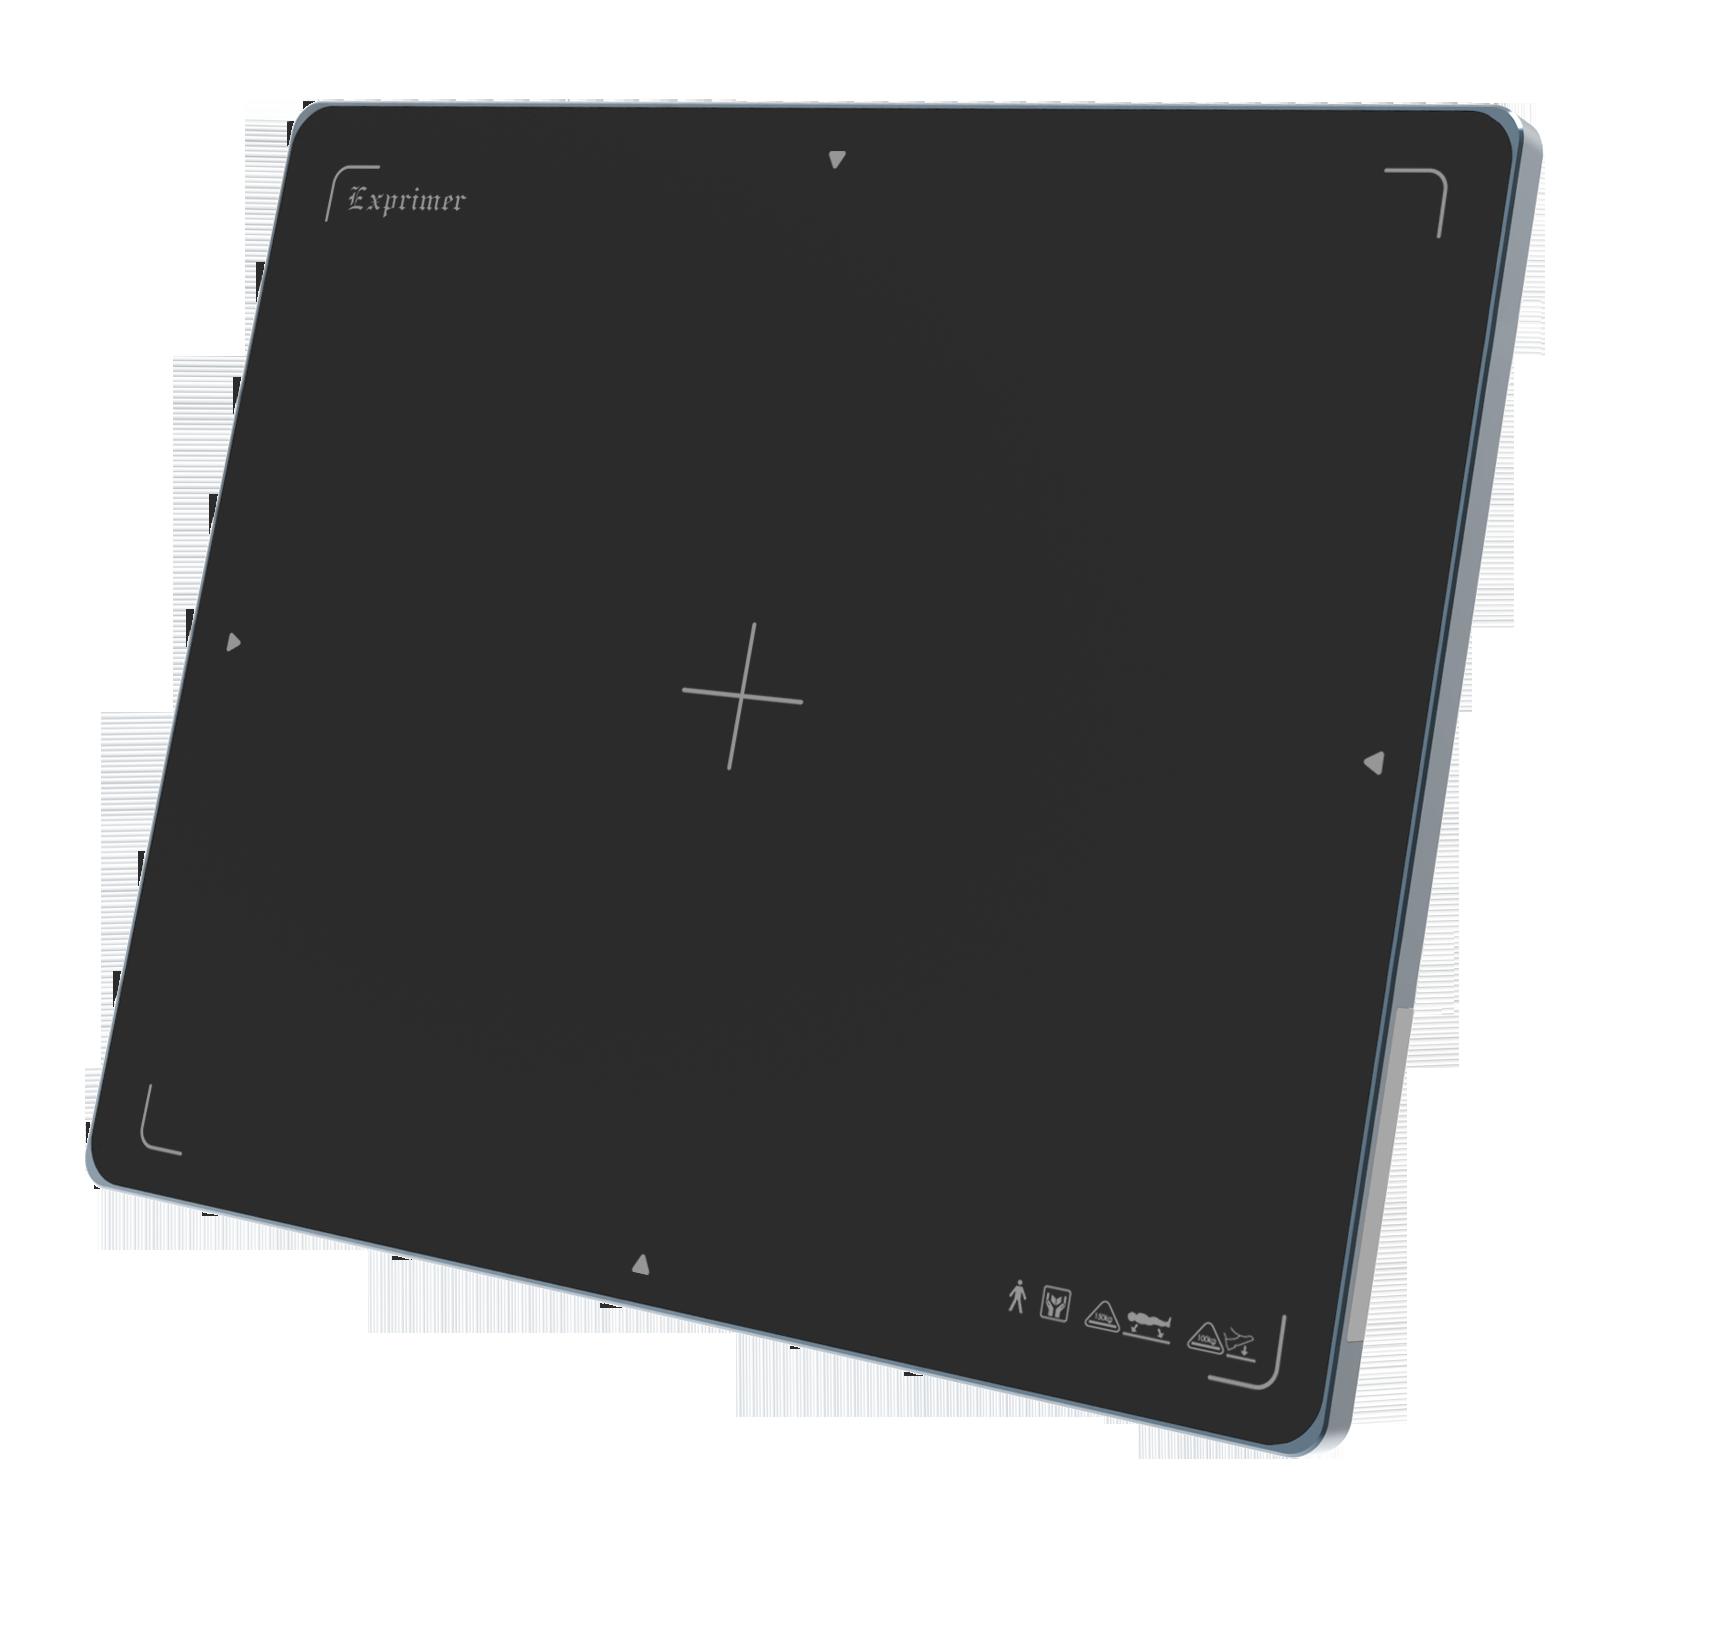 便携式DR数字影像系统LX-20A2430